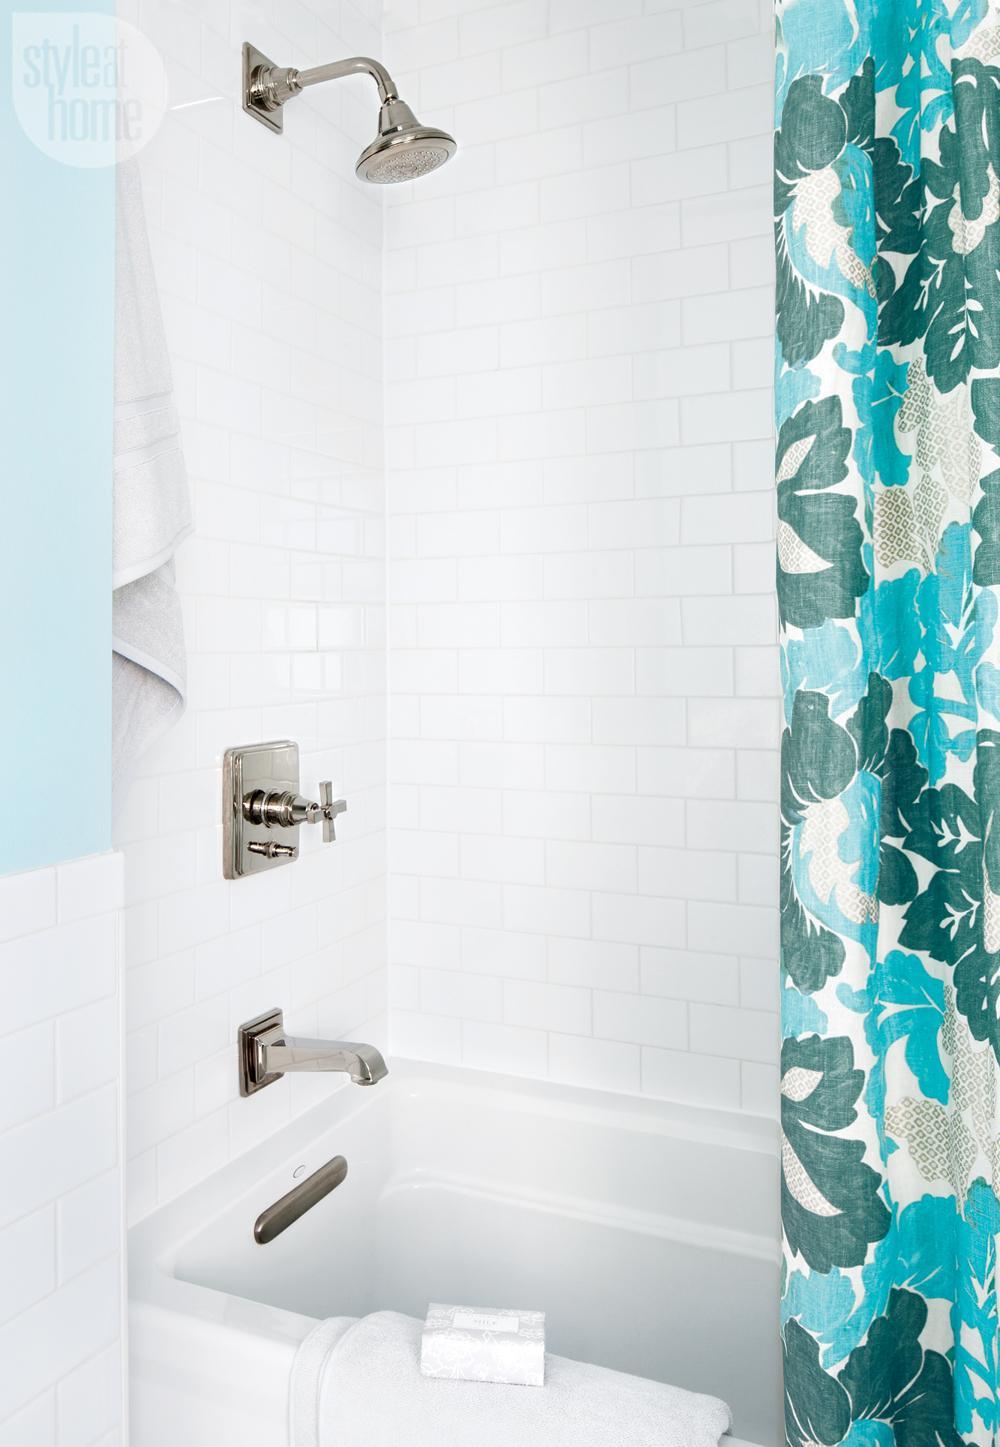 8 idee per rinnovare il bagno senza spendere troppi soldi - Rinnovare il bagno senza rompere ...